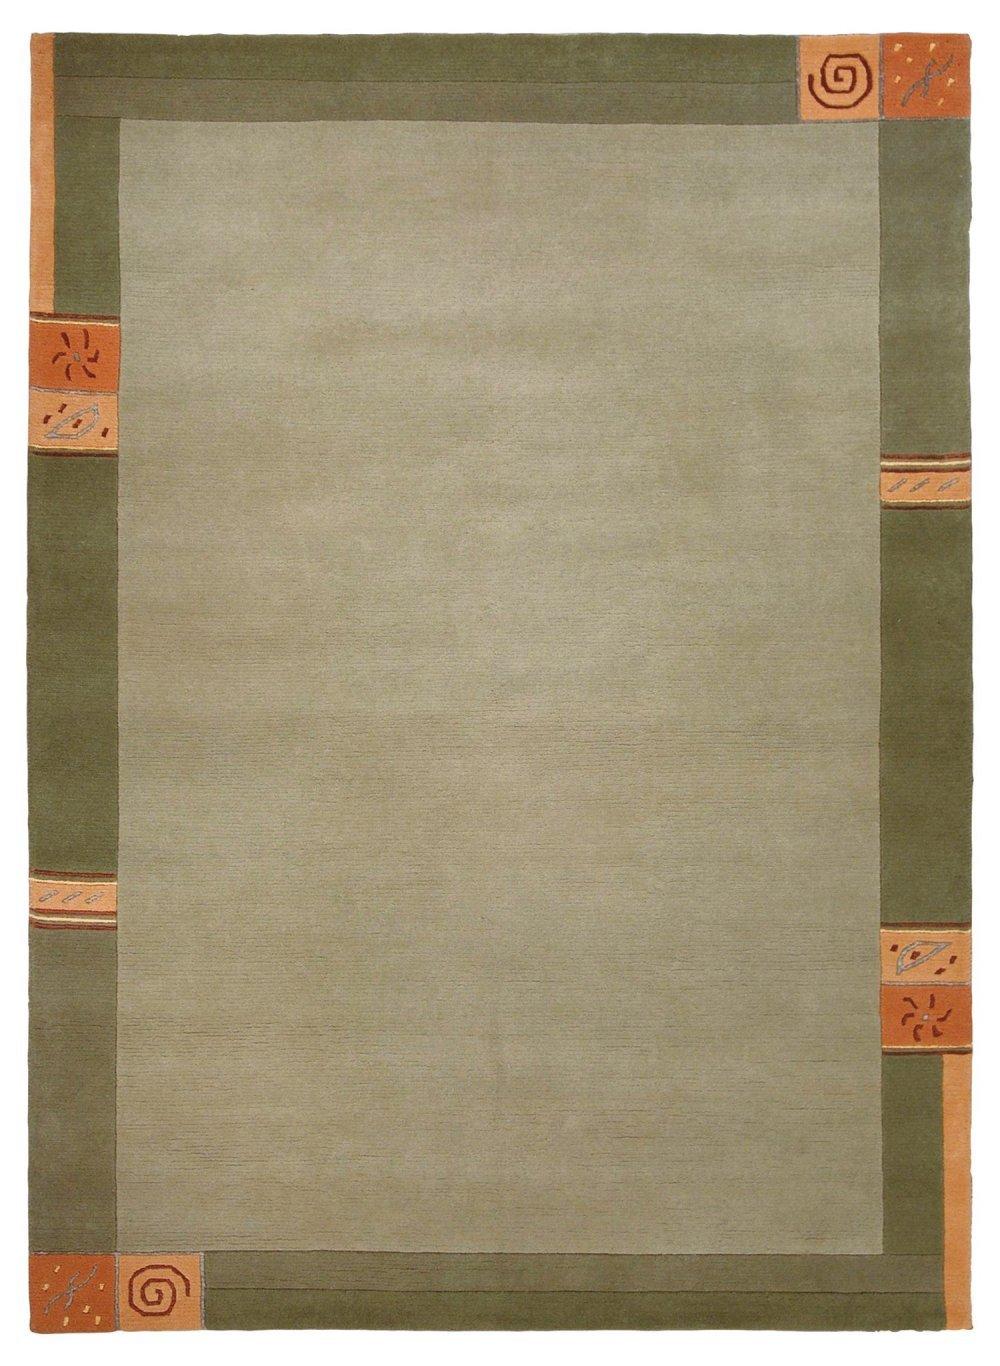 """Sona-Lux Nepal Teppich handgeknüpft grün """"Größe auswählen"""" 90 x 160 cm"""